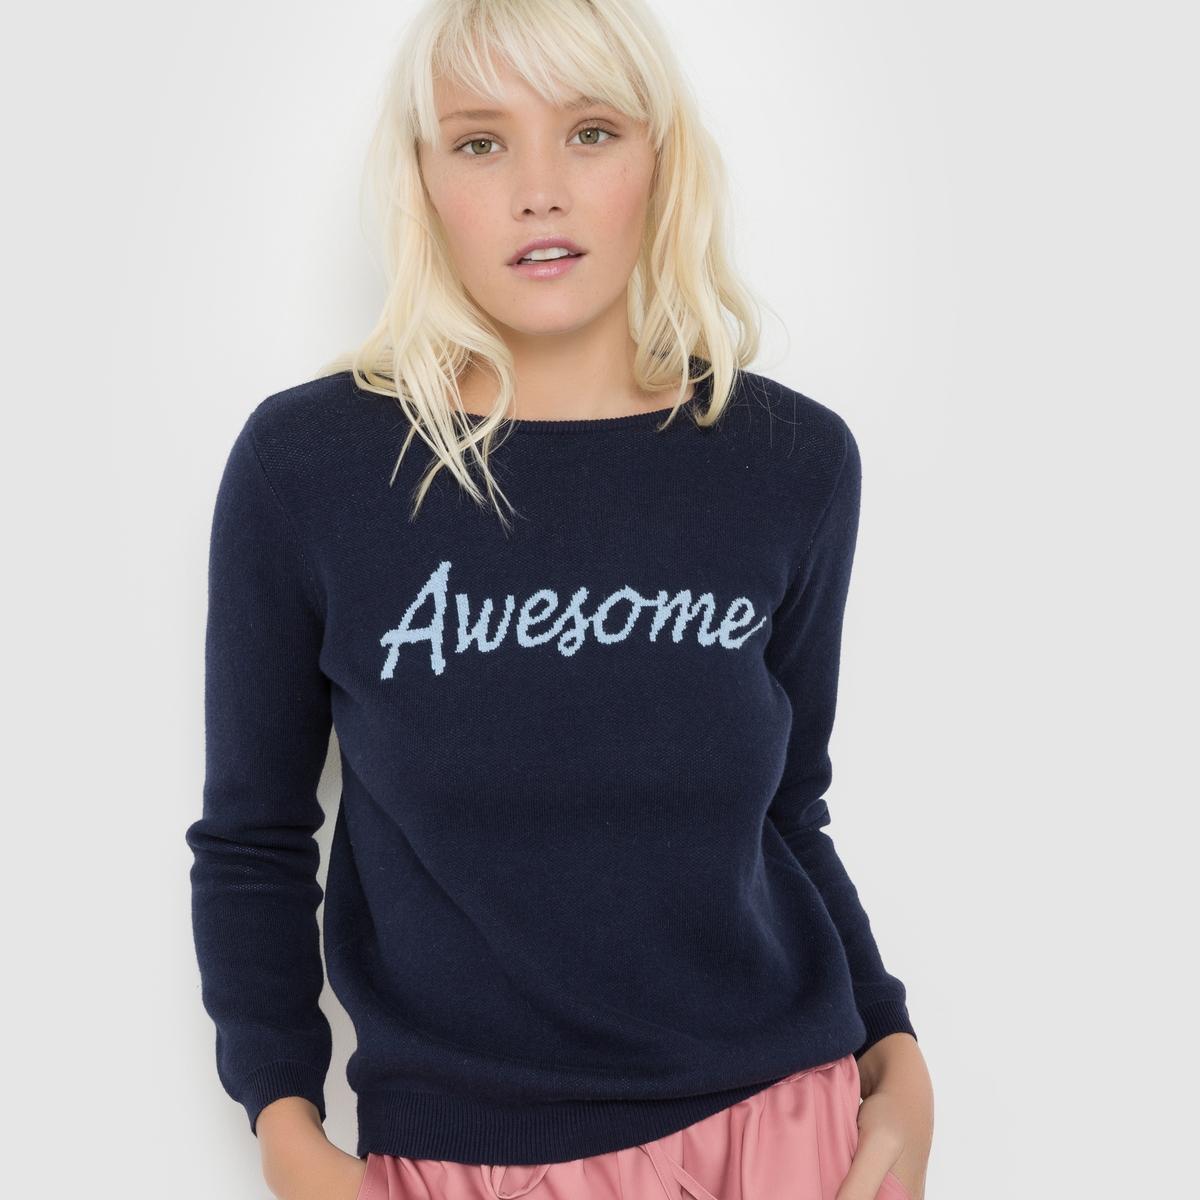 Пуловер с надписью и круглым вырезом PIERRICKСостав и описаниеМарка : SUNCOOМатериал : 60% хлопка, 30% полиамида, 10% шерсти<br><br>Цвет: черный<br>Размер: M